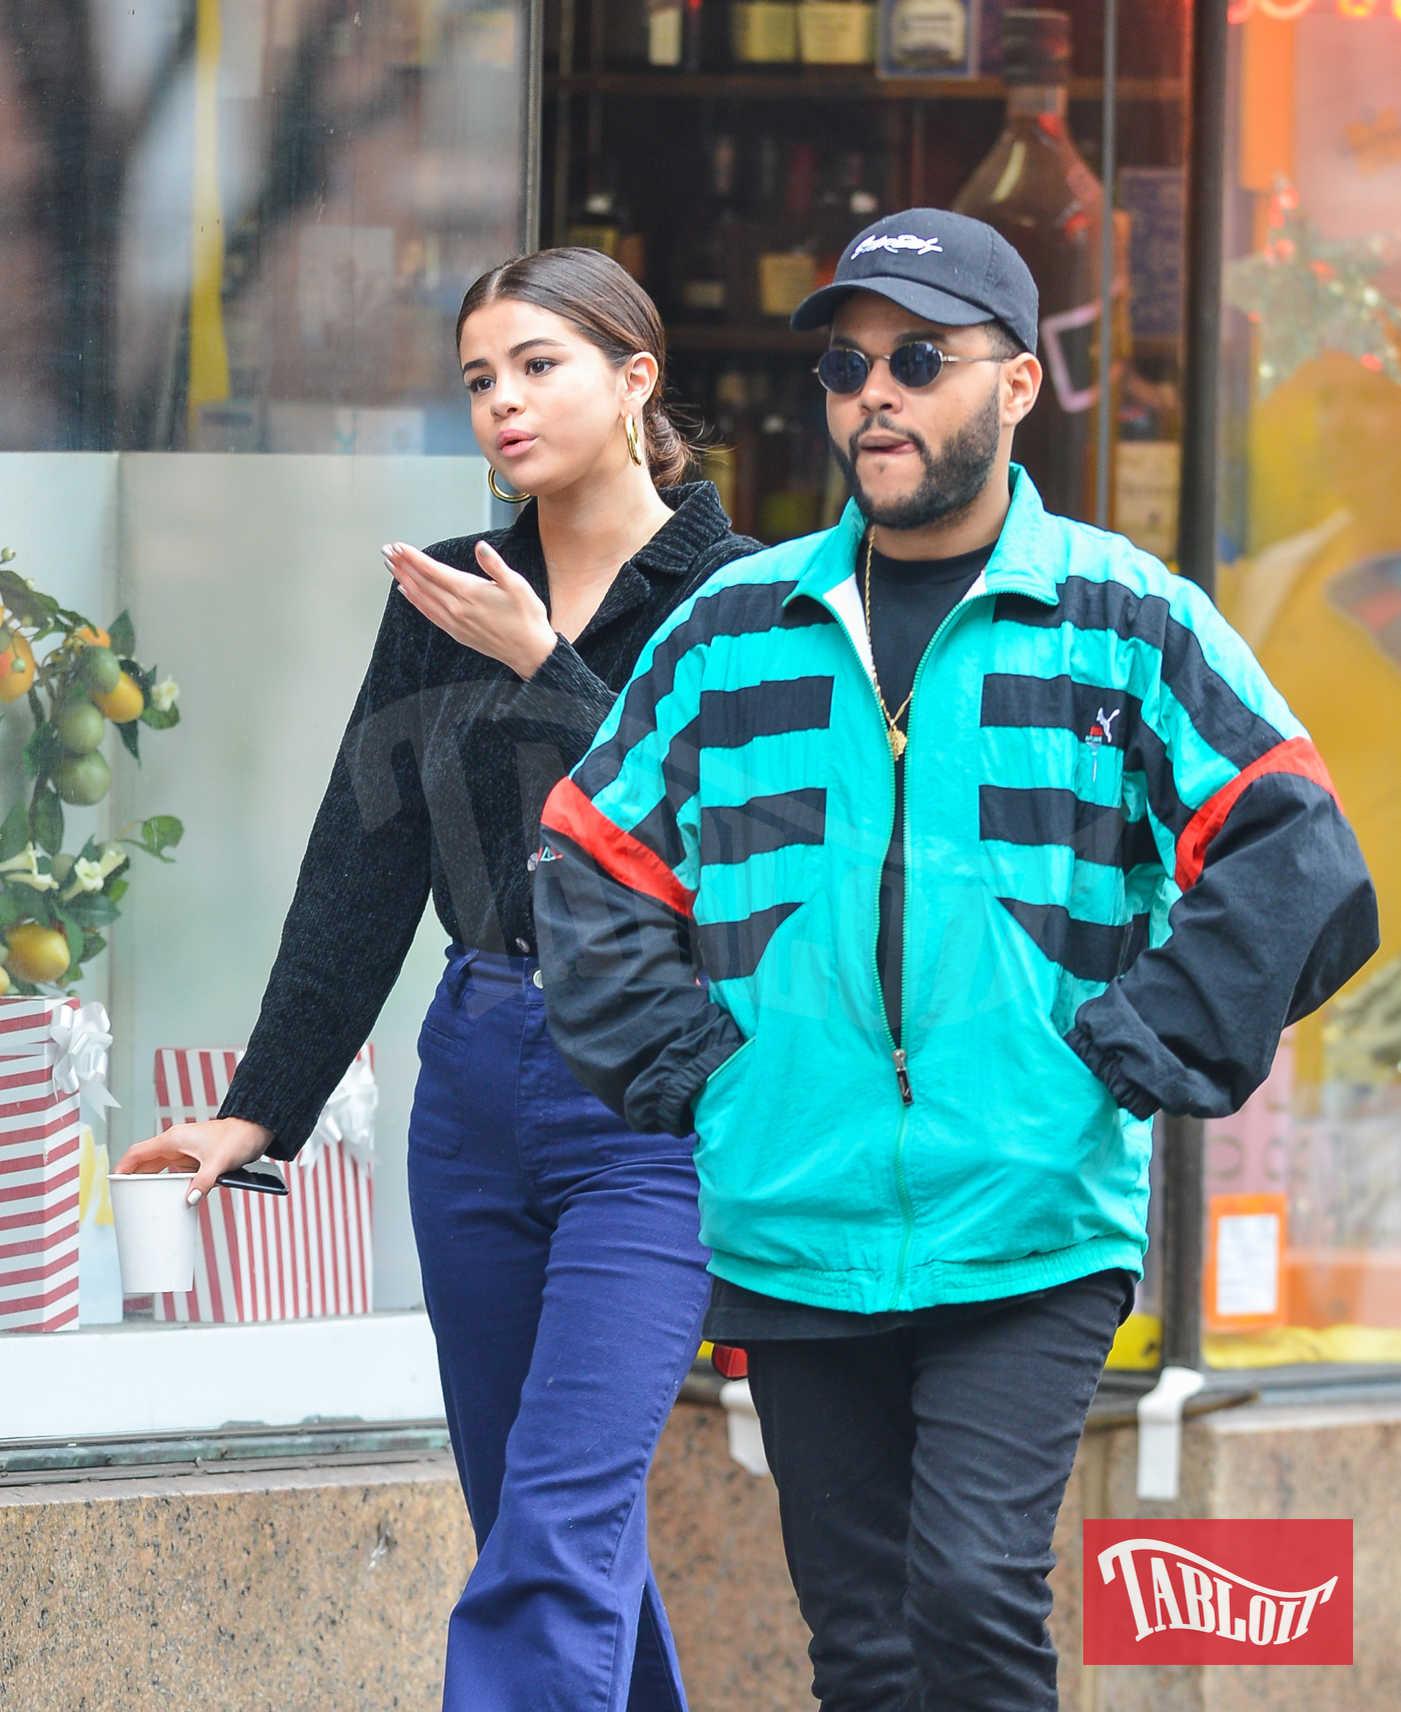 Selena Gomez e The Weeknd paparazzati a marzo per le strade di New York, durante un pomeriggio di shopping. I due si sono lasciati ad ottobre a causa (pare) del ritorno di fiamma tra Selena e Justin Bieber